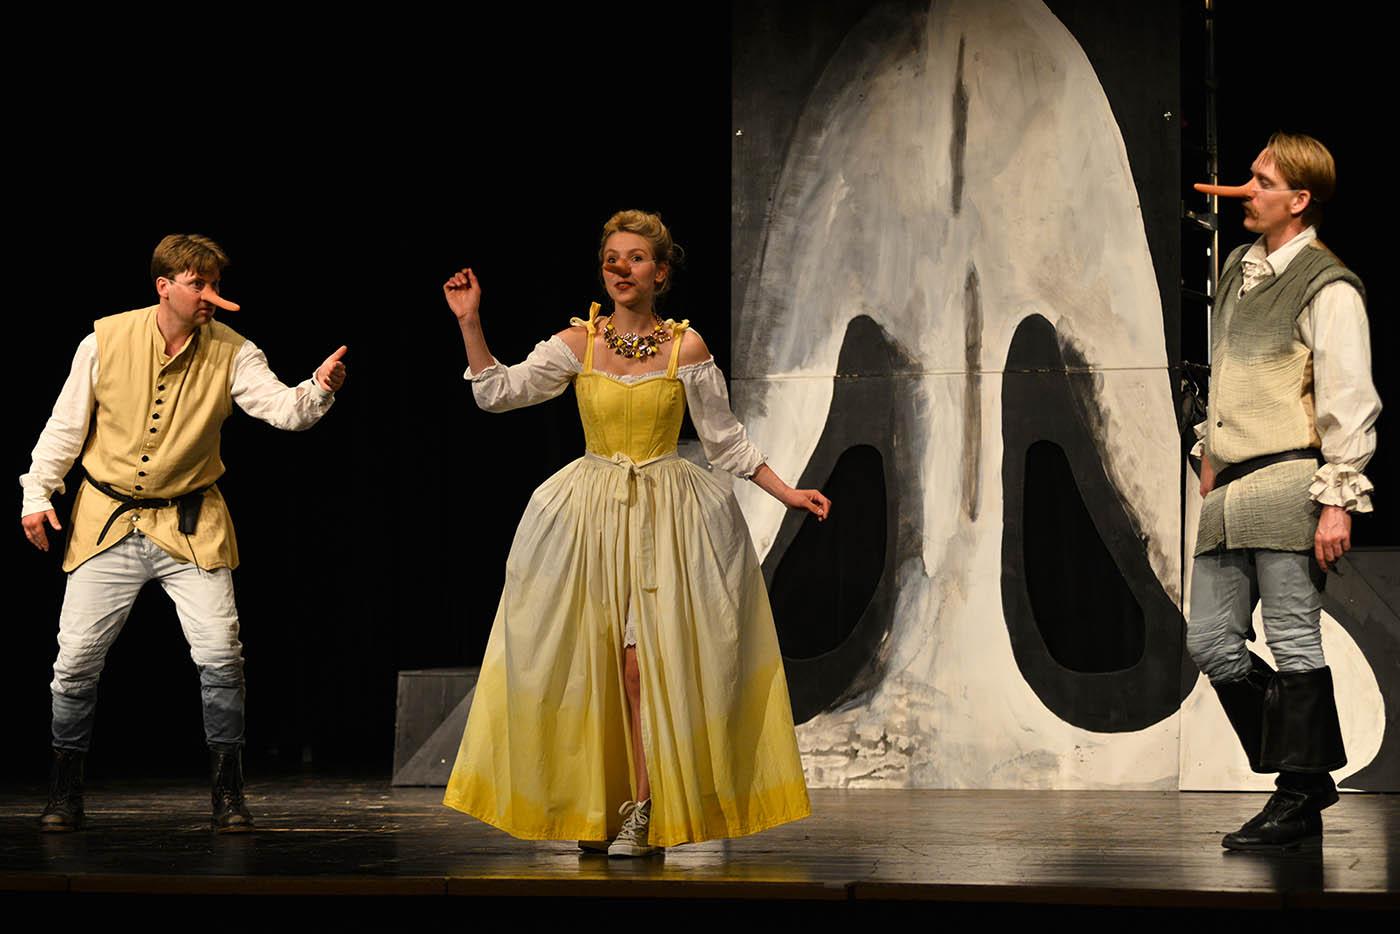 Cyrano Szenenbild